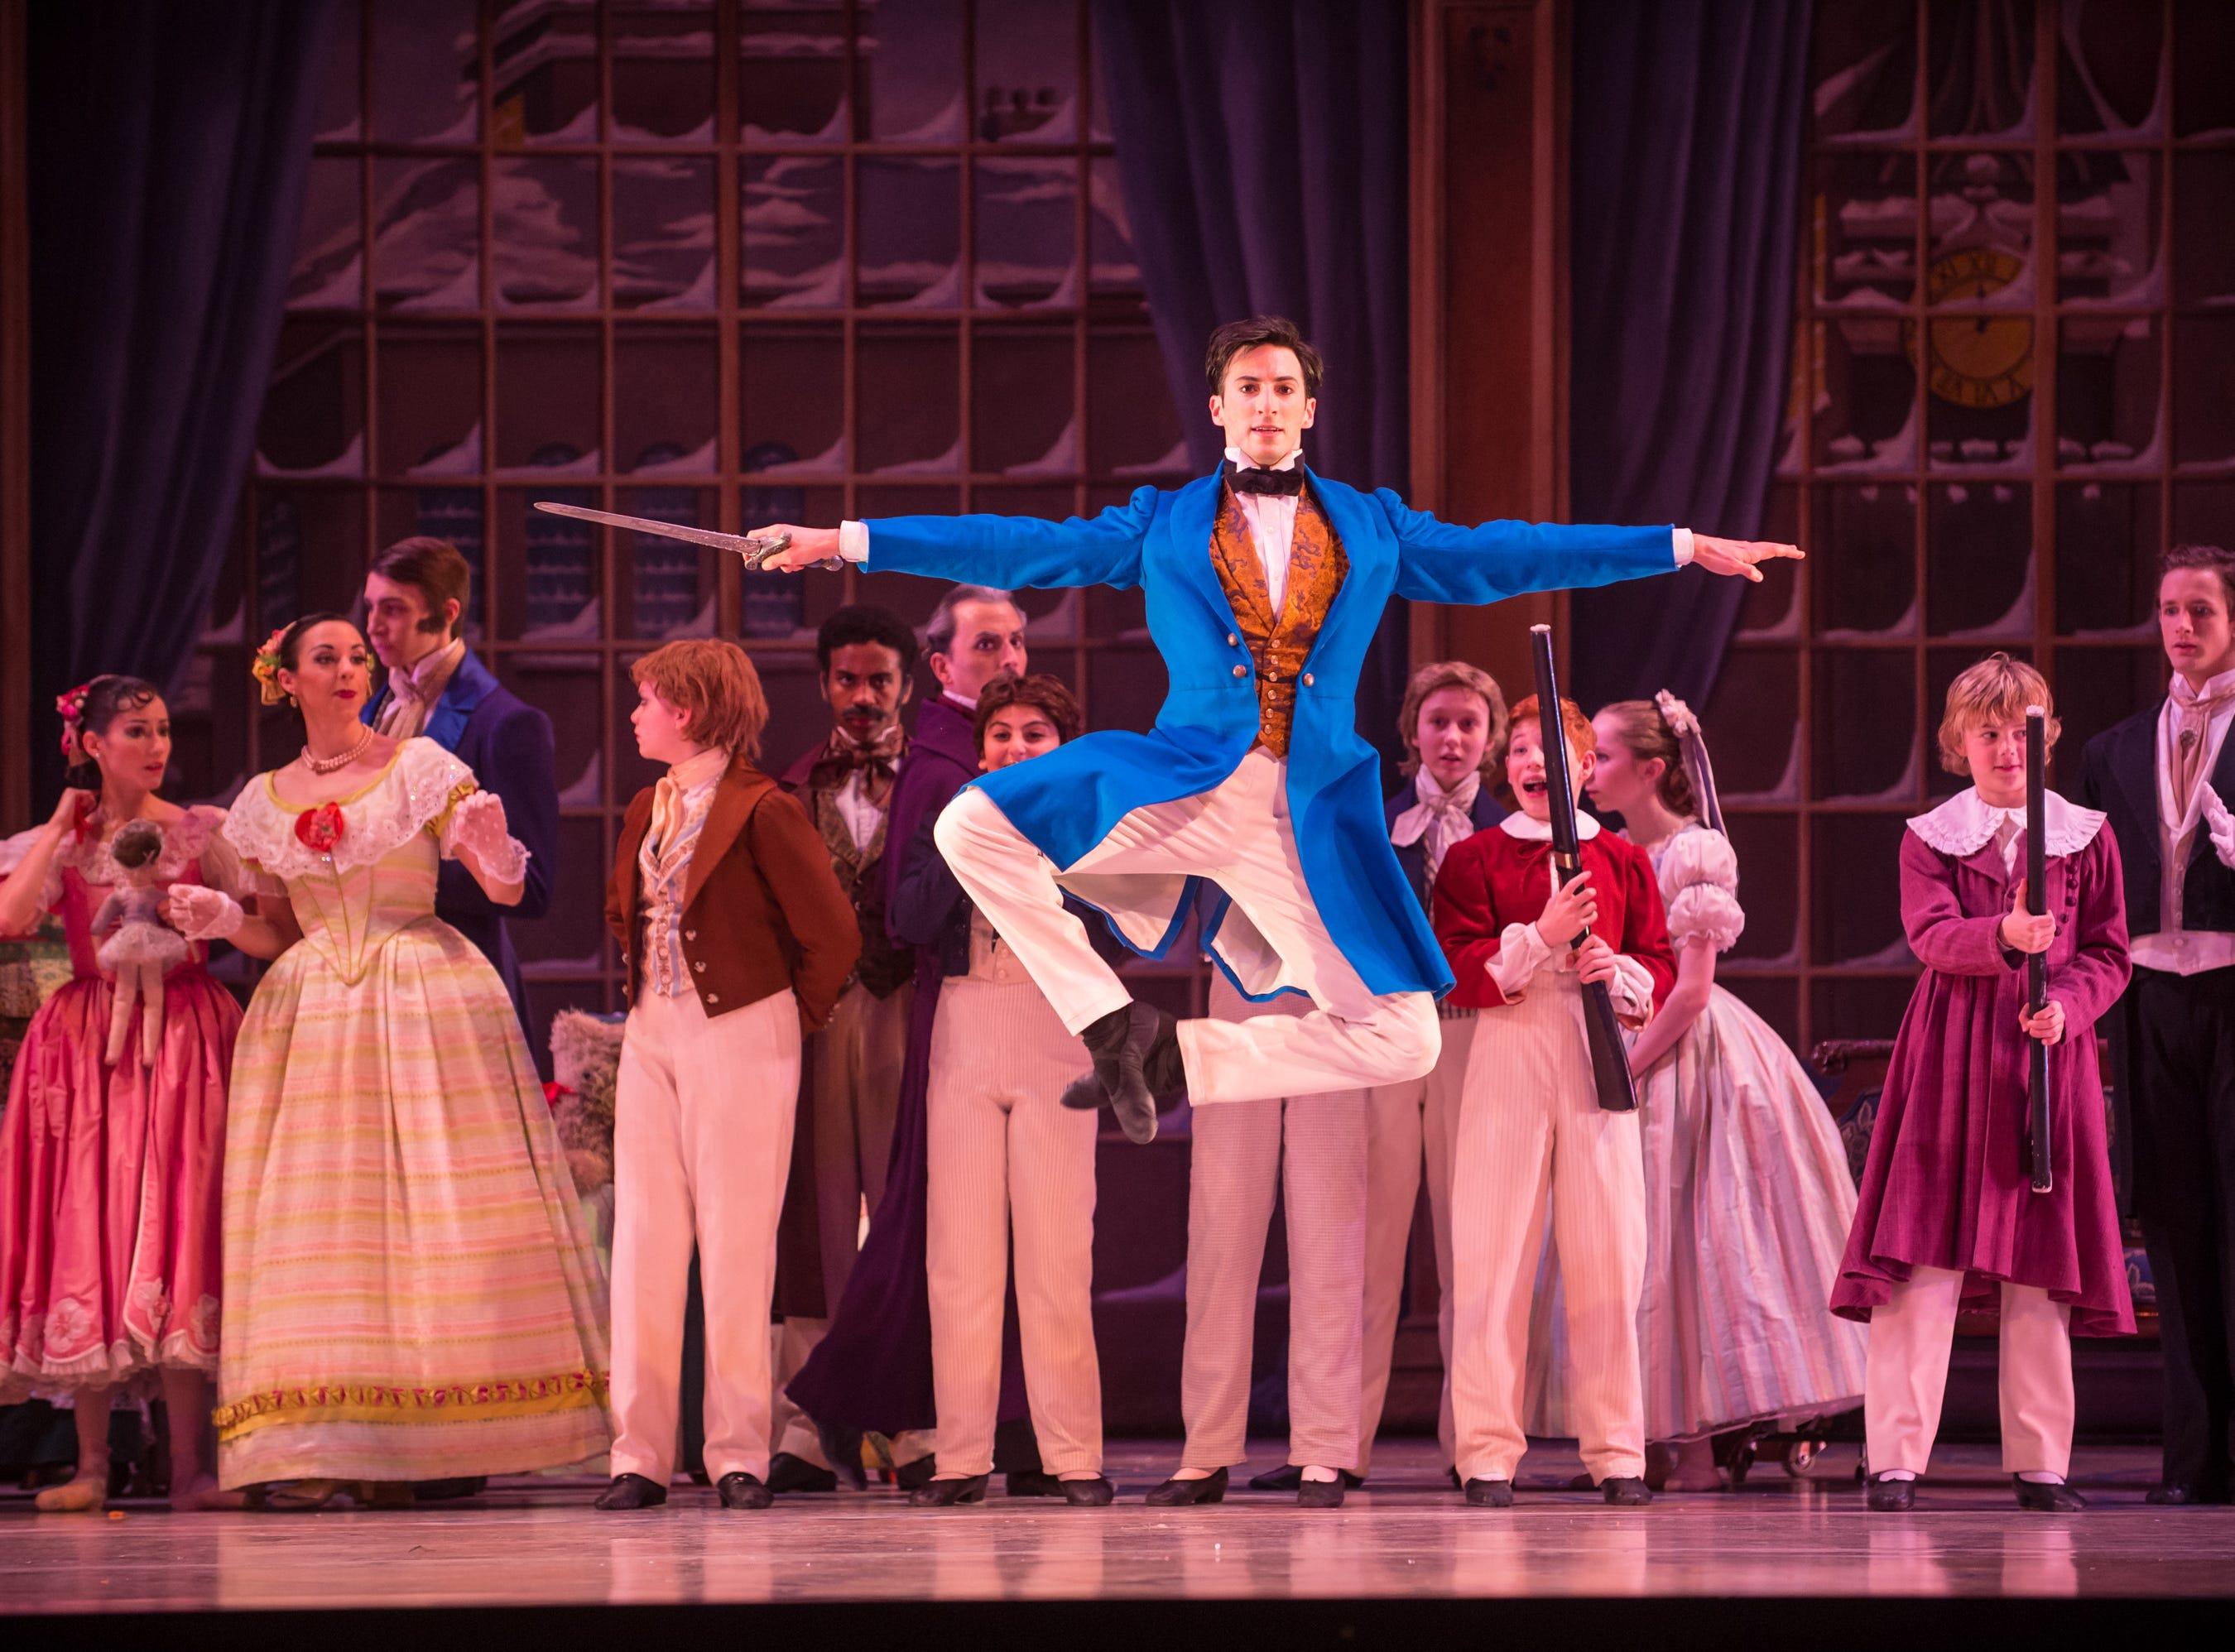 """Garrett Glassman gets airborne in Milwaukee Ballet's """"Nutcracker,"""" which continues through Dec. 26 at the Marcus Center."""